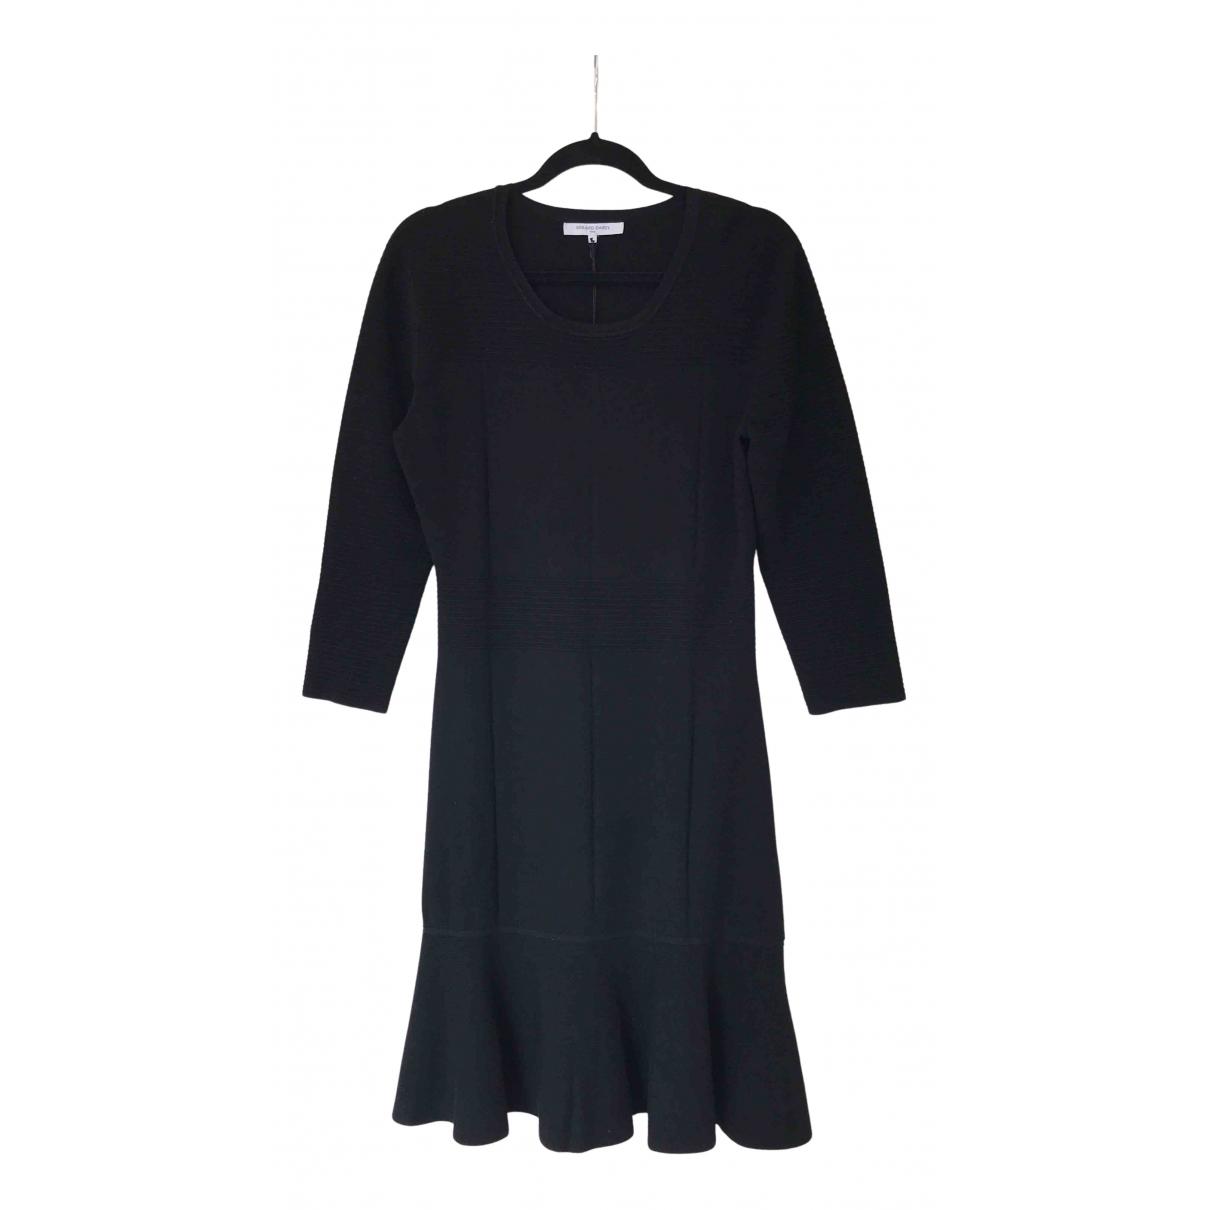 Gerard Darel \N Kleid in  Schwarz Viskose